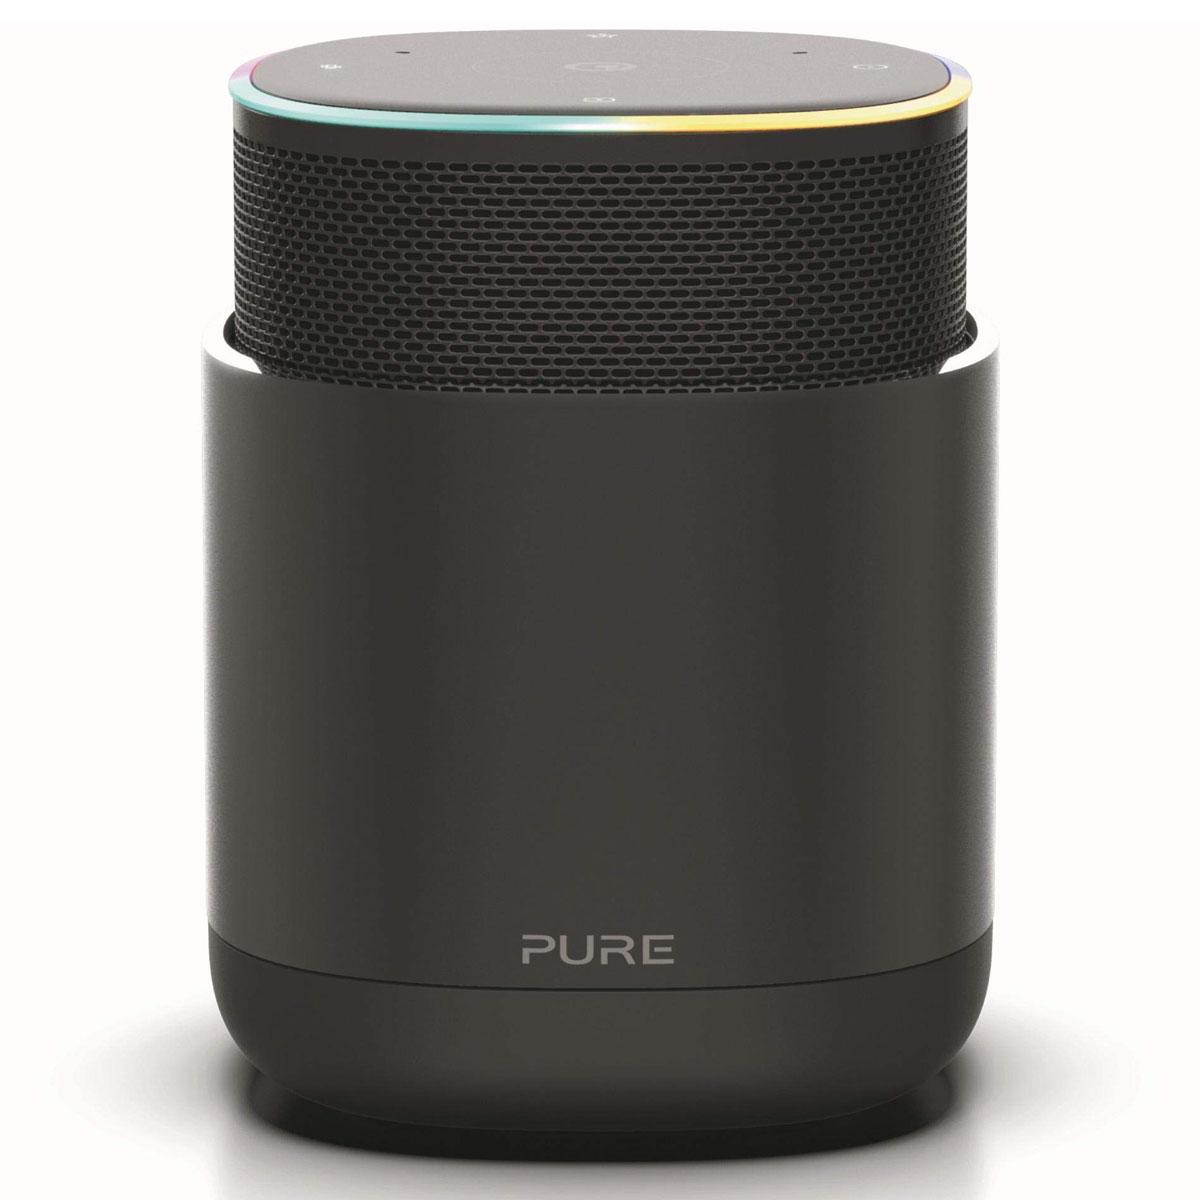 Enceinte Bluetooth Pure DiscovR Noir Enceinte sans fil Wi-Fi et Bluetooth à commande vocale Amazon Alexa avec Spotify Connect, AirPlay 2, Radio Internet et batterie rechargeable